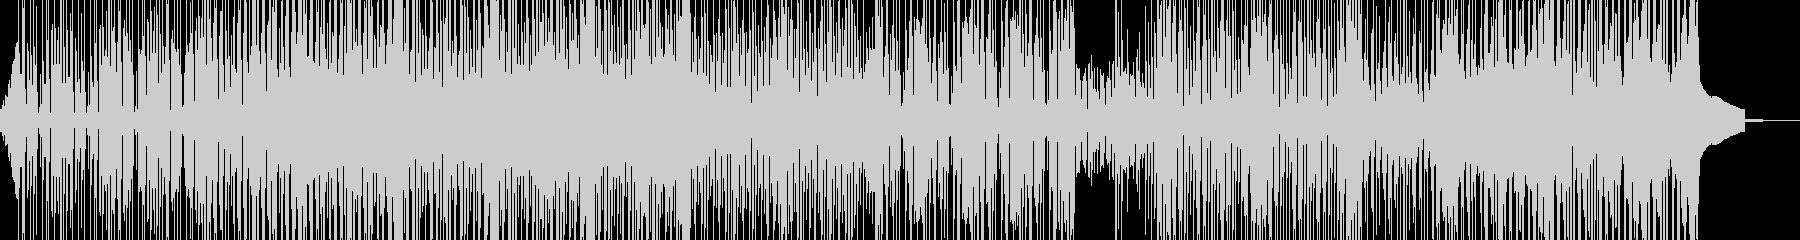 夏バテ(×ω×)無気力ポップ 表拍子Cの未再生の波形